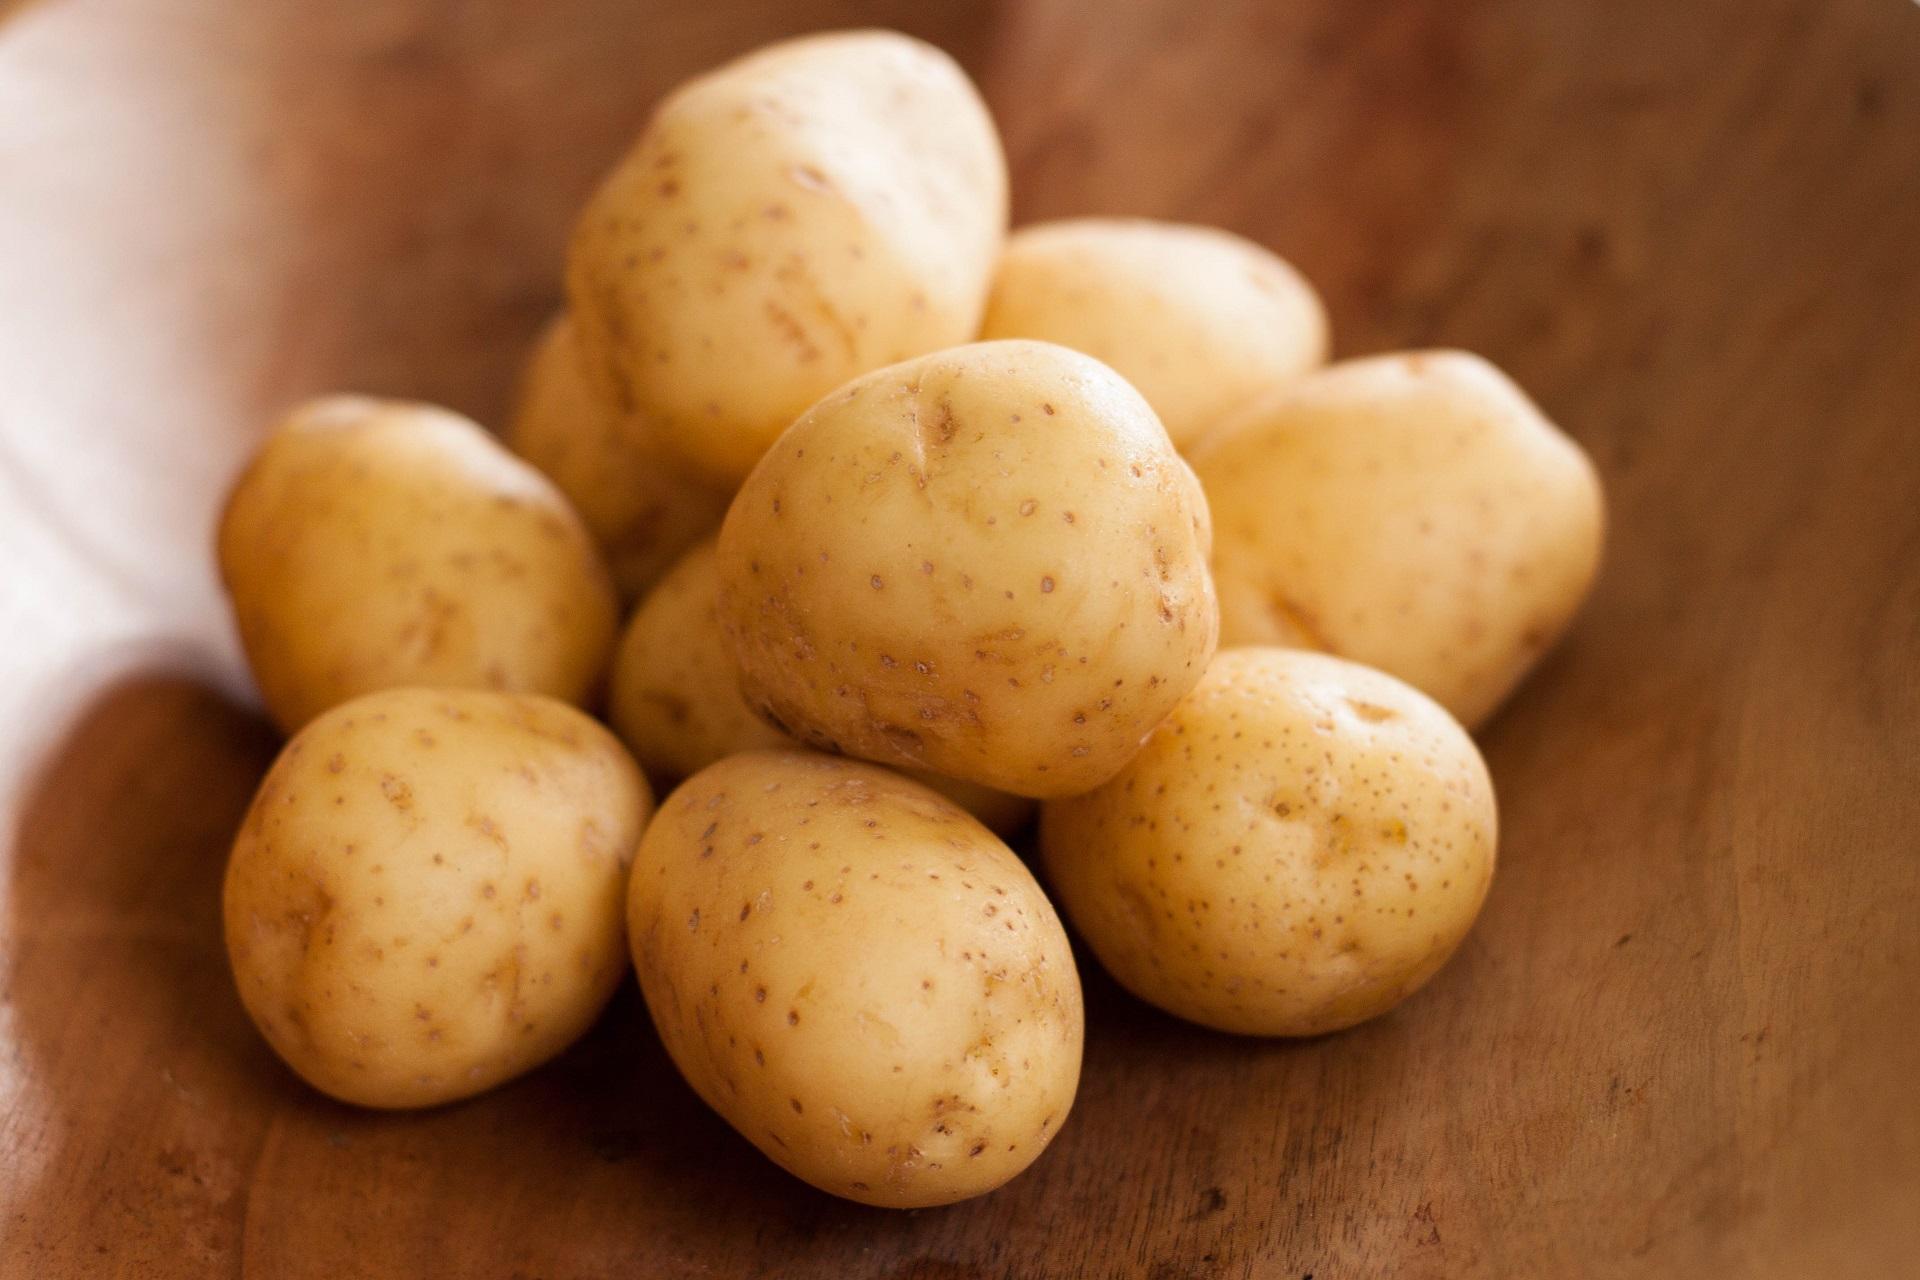 kartofel-polza-i-vred